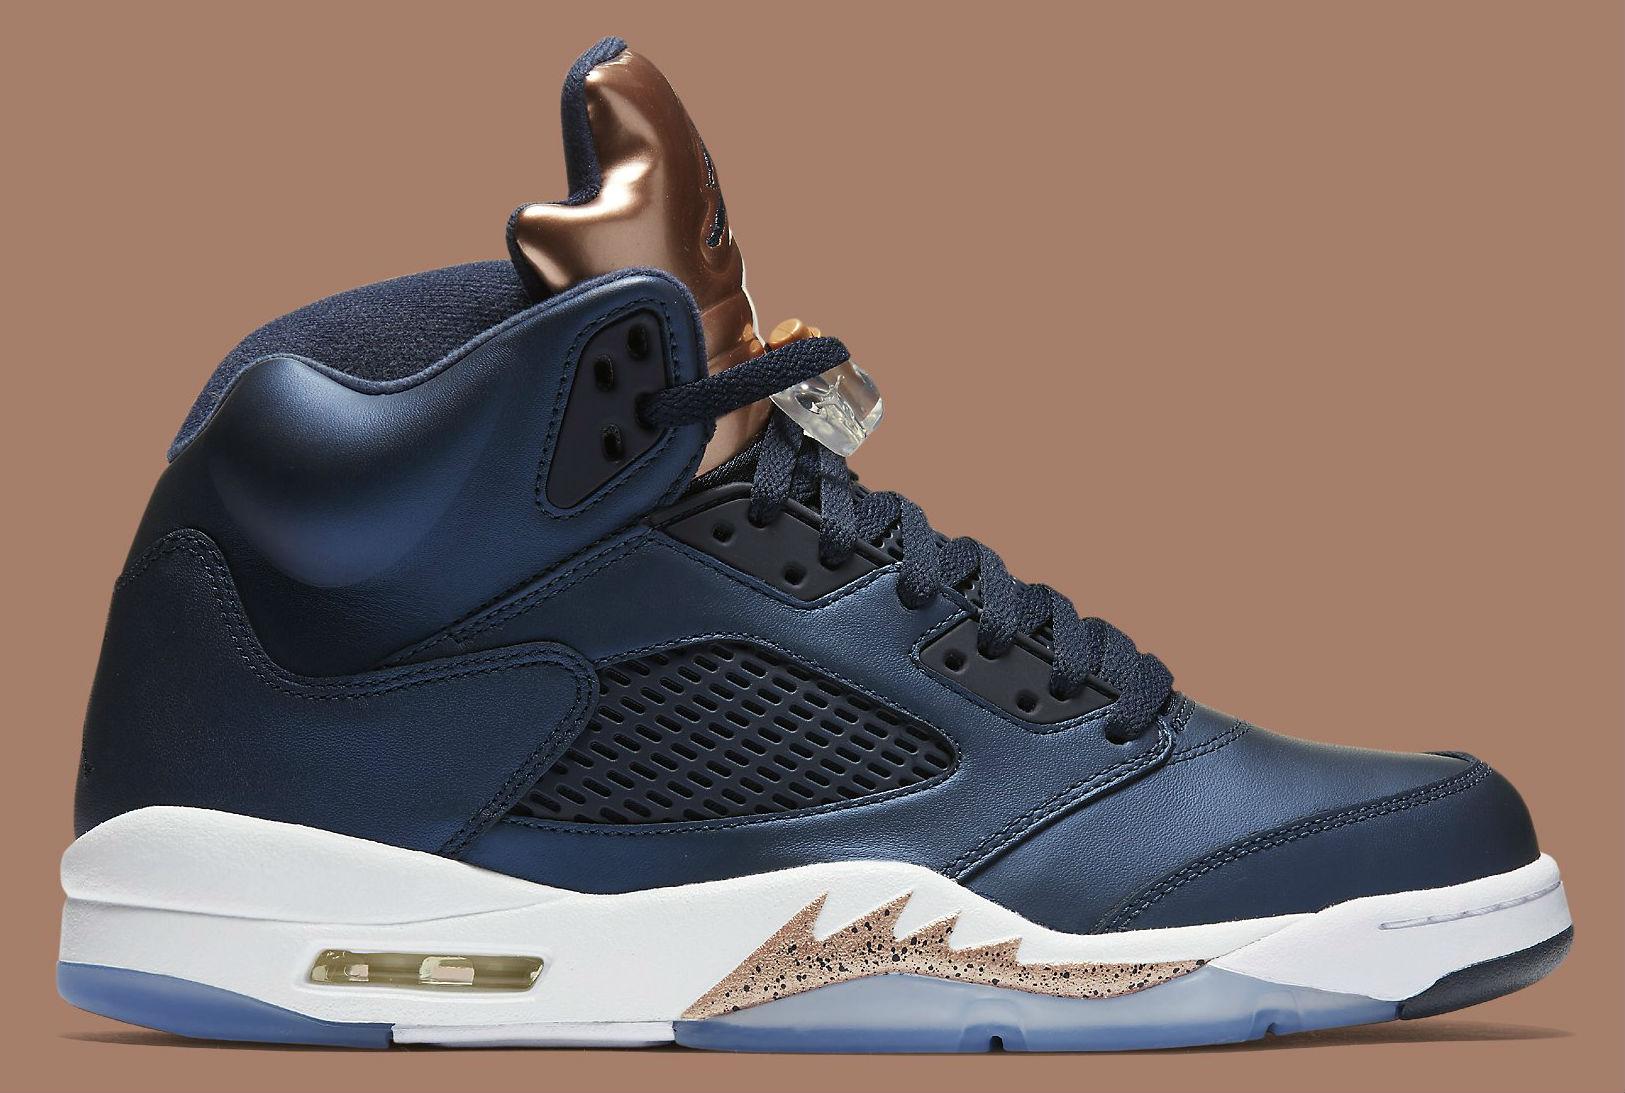 Air Jordan 5 Bronze Side 136027-416